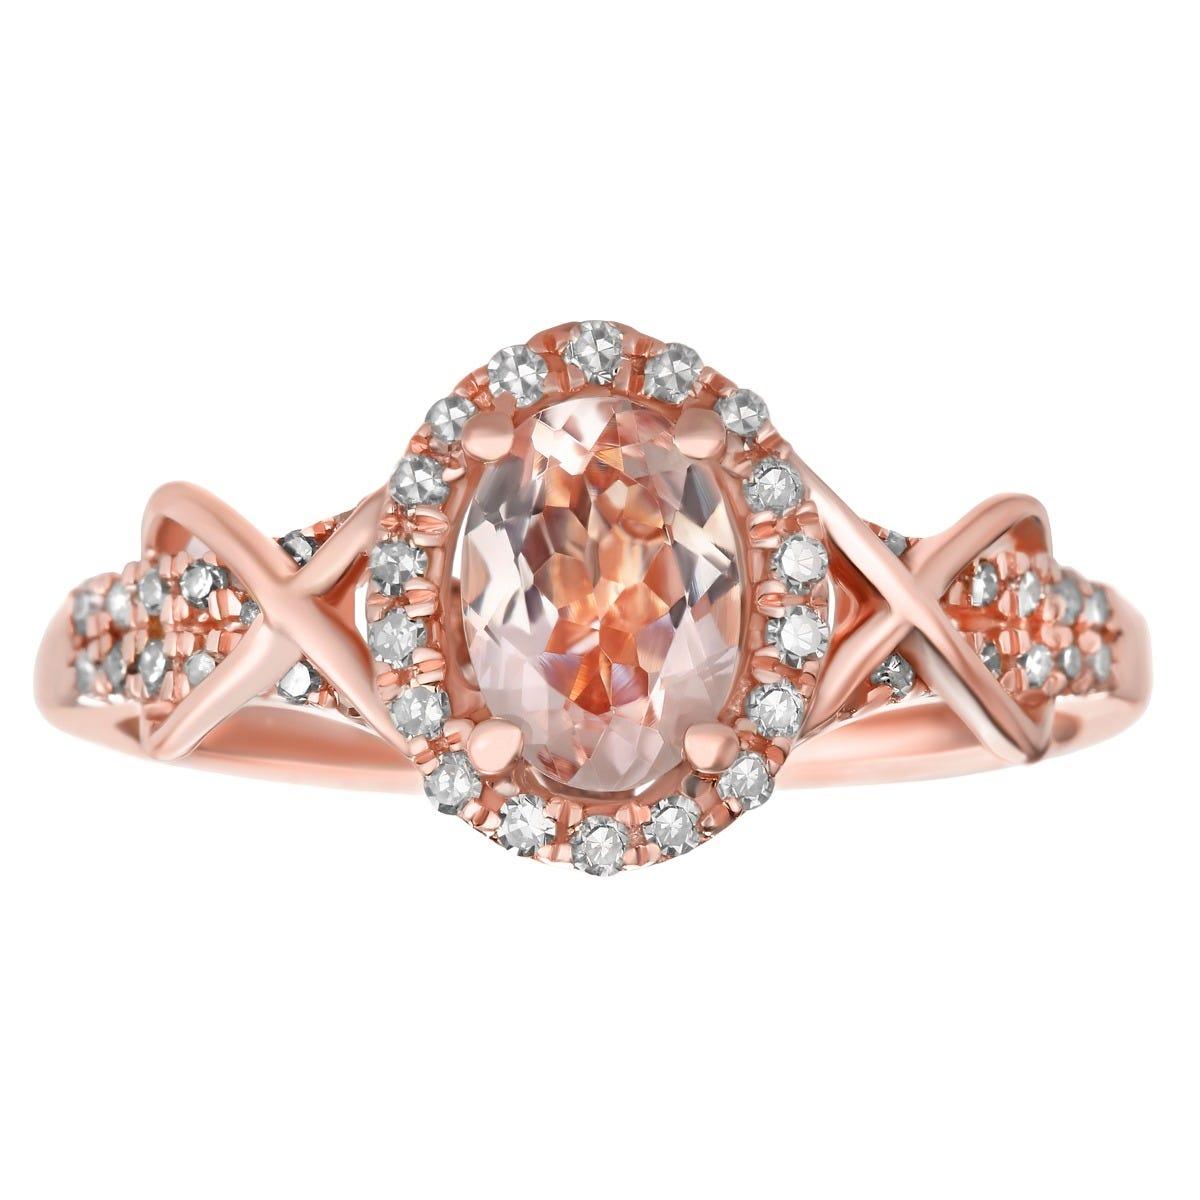 Morganite Oval & Diamond Halo Ring in 10k Rose Gold